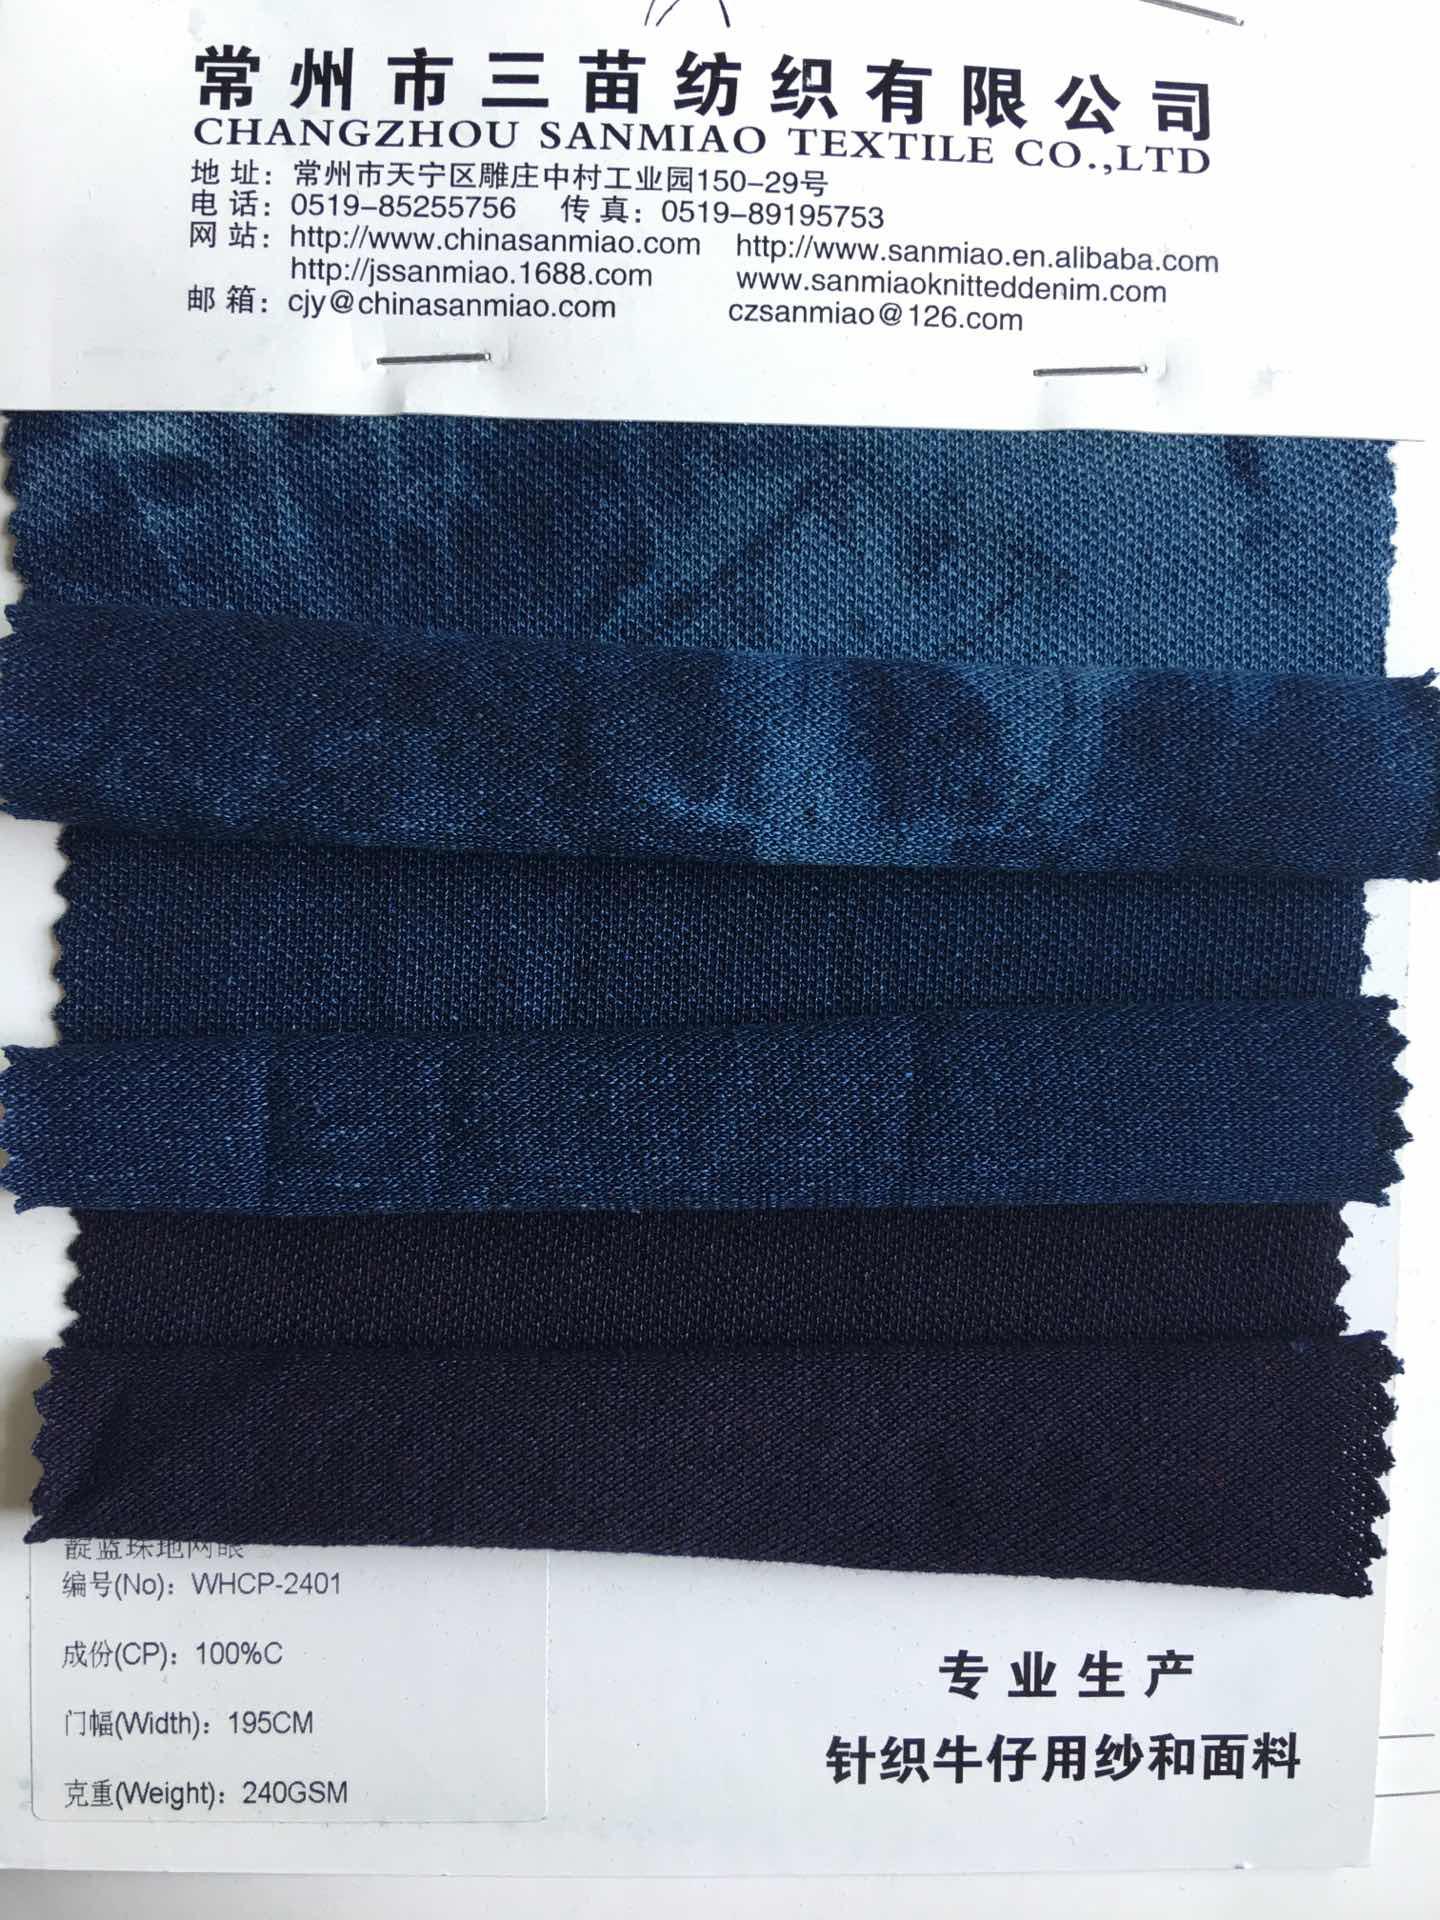 240g Knit denim indigo pique shirt fabric